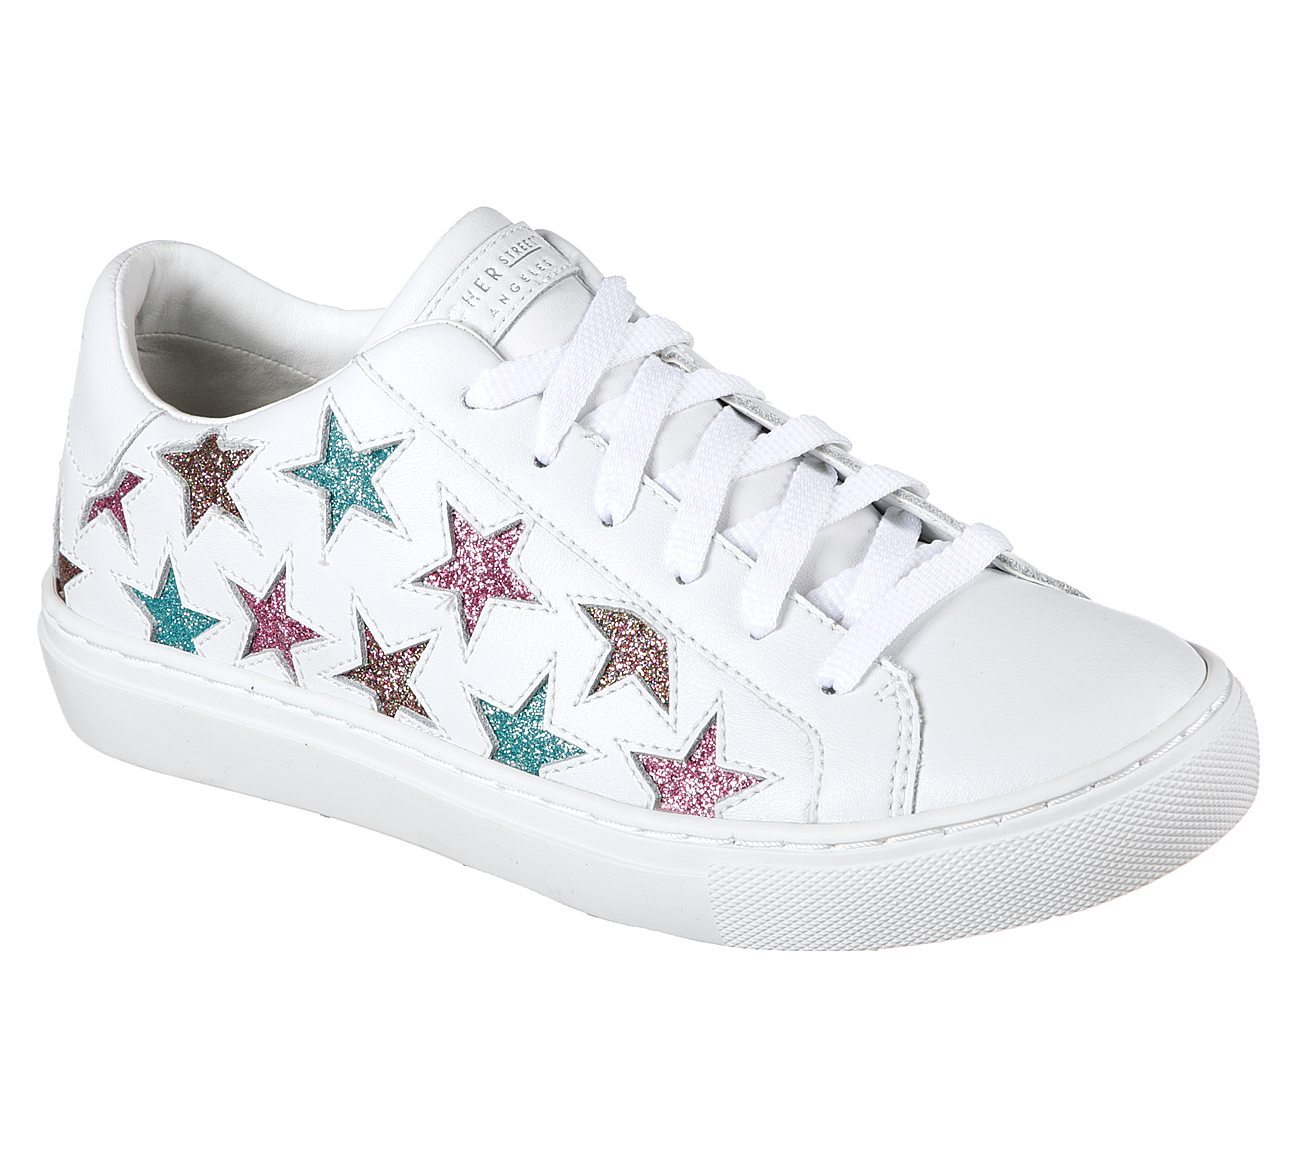 Skecher Street Womens Side Street-Glitter Star High Top Fashion Sneaker